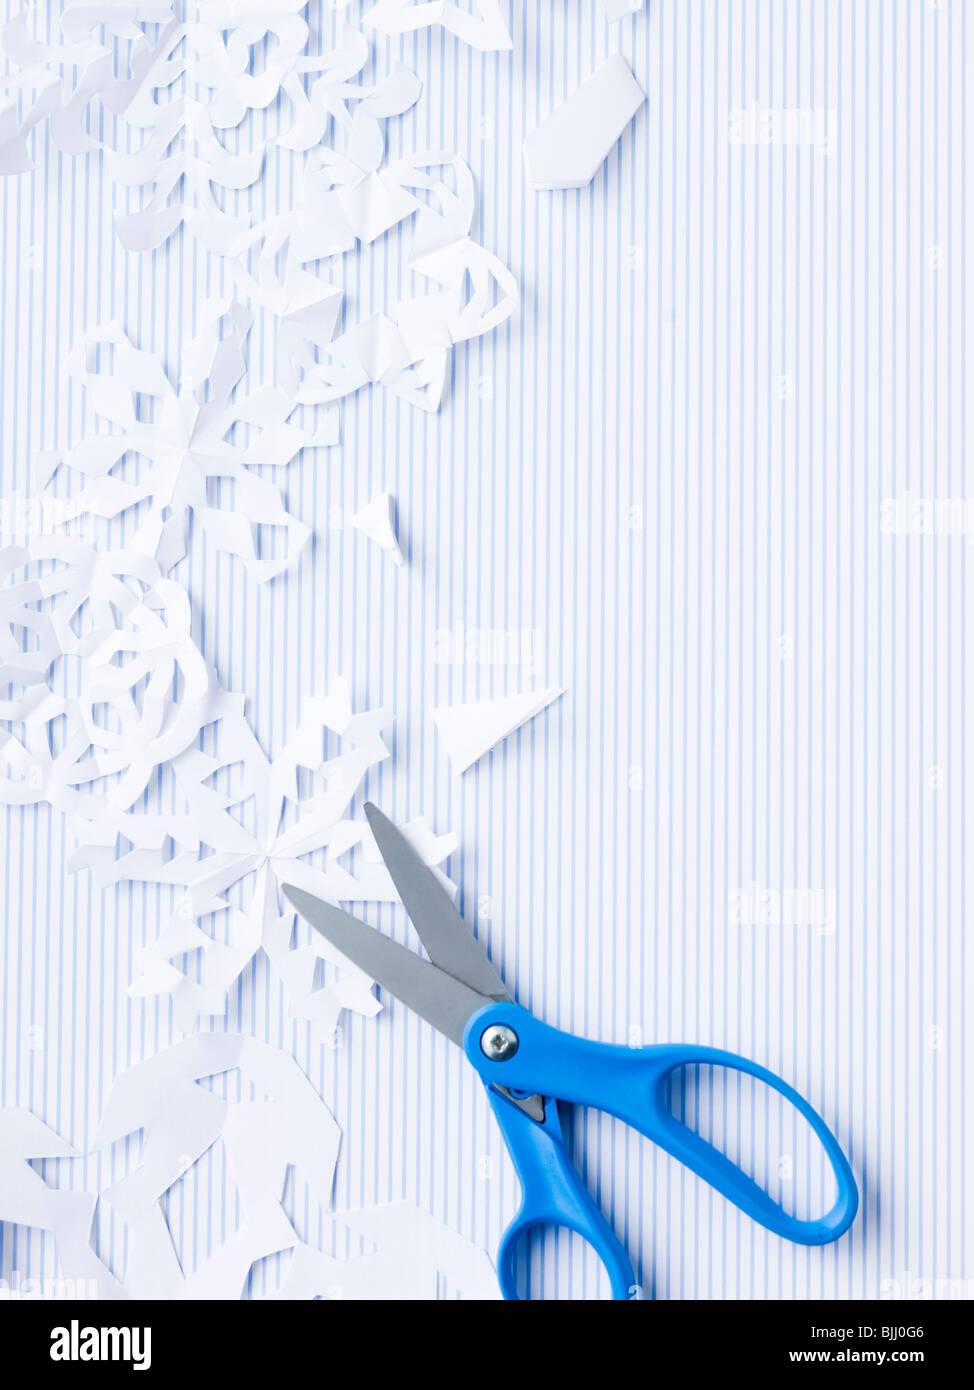 Forbici e fiocchi di neve di carta Immagini Stock